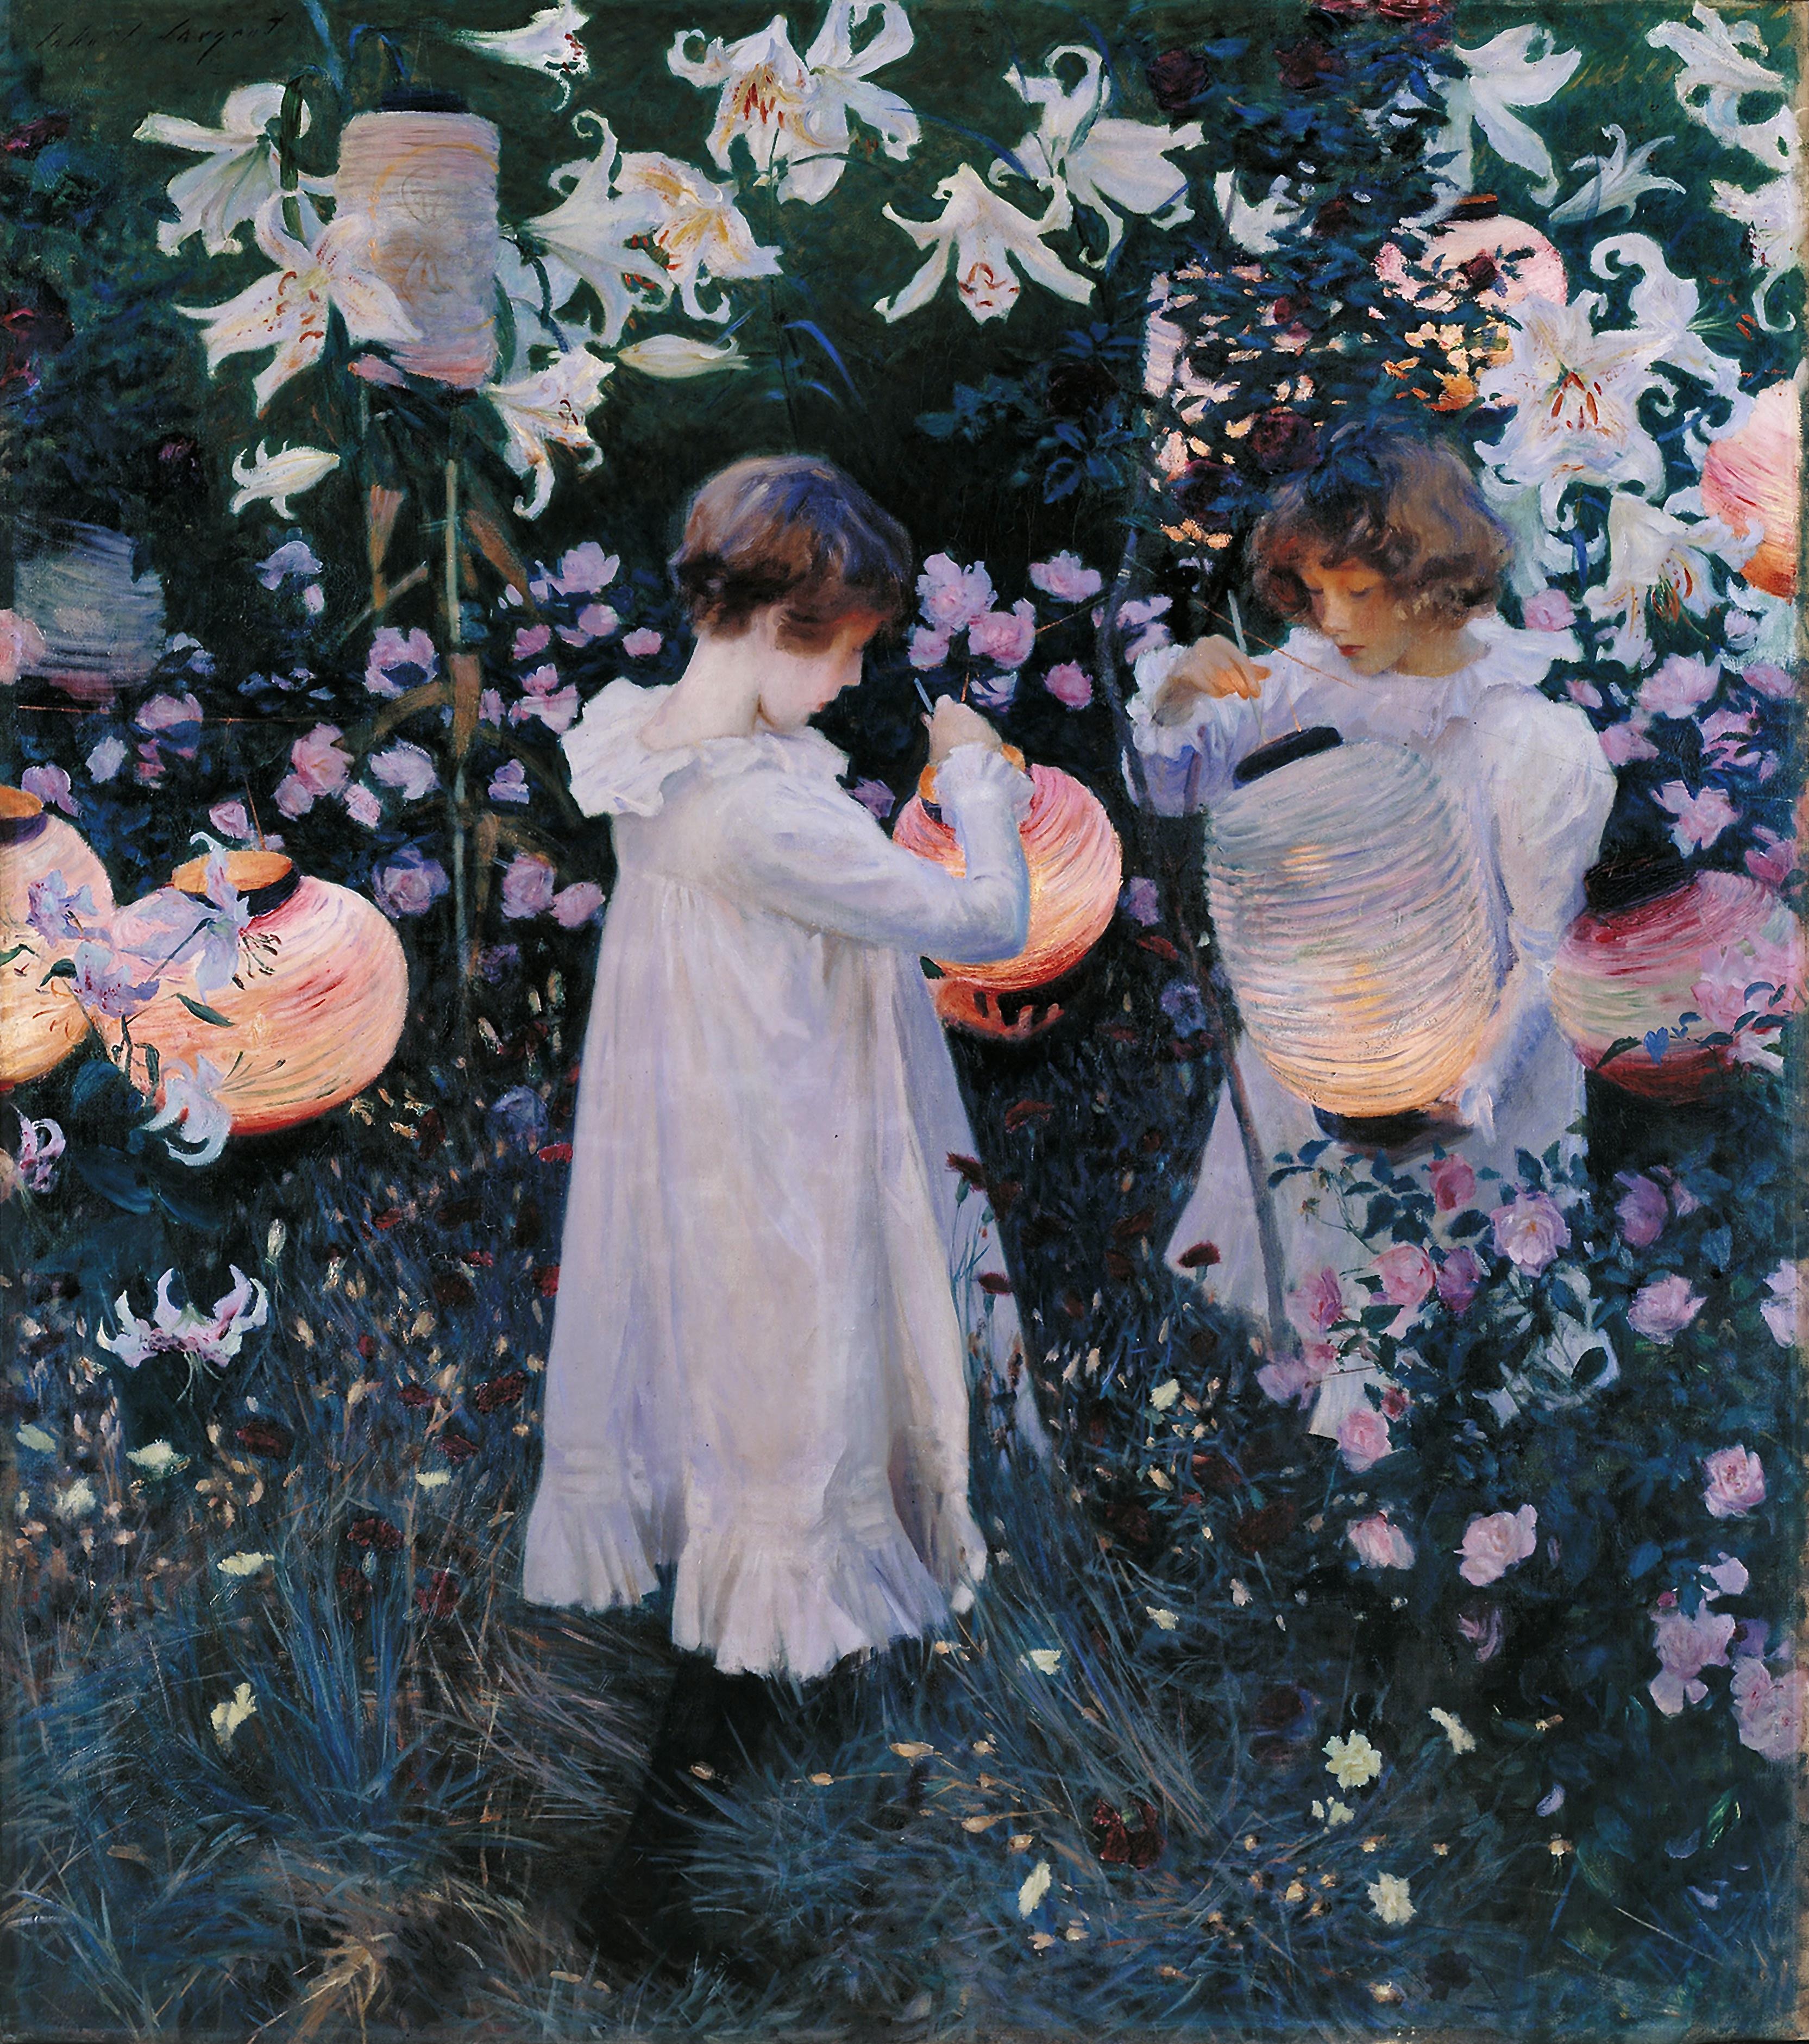 John_Singer_Sargent_-_Carnation,_Lily,_Lily,_Rose_-_Google_Art_Project